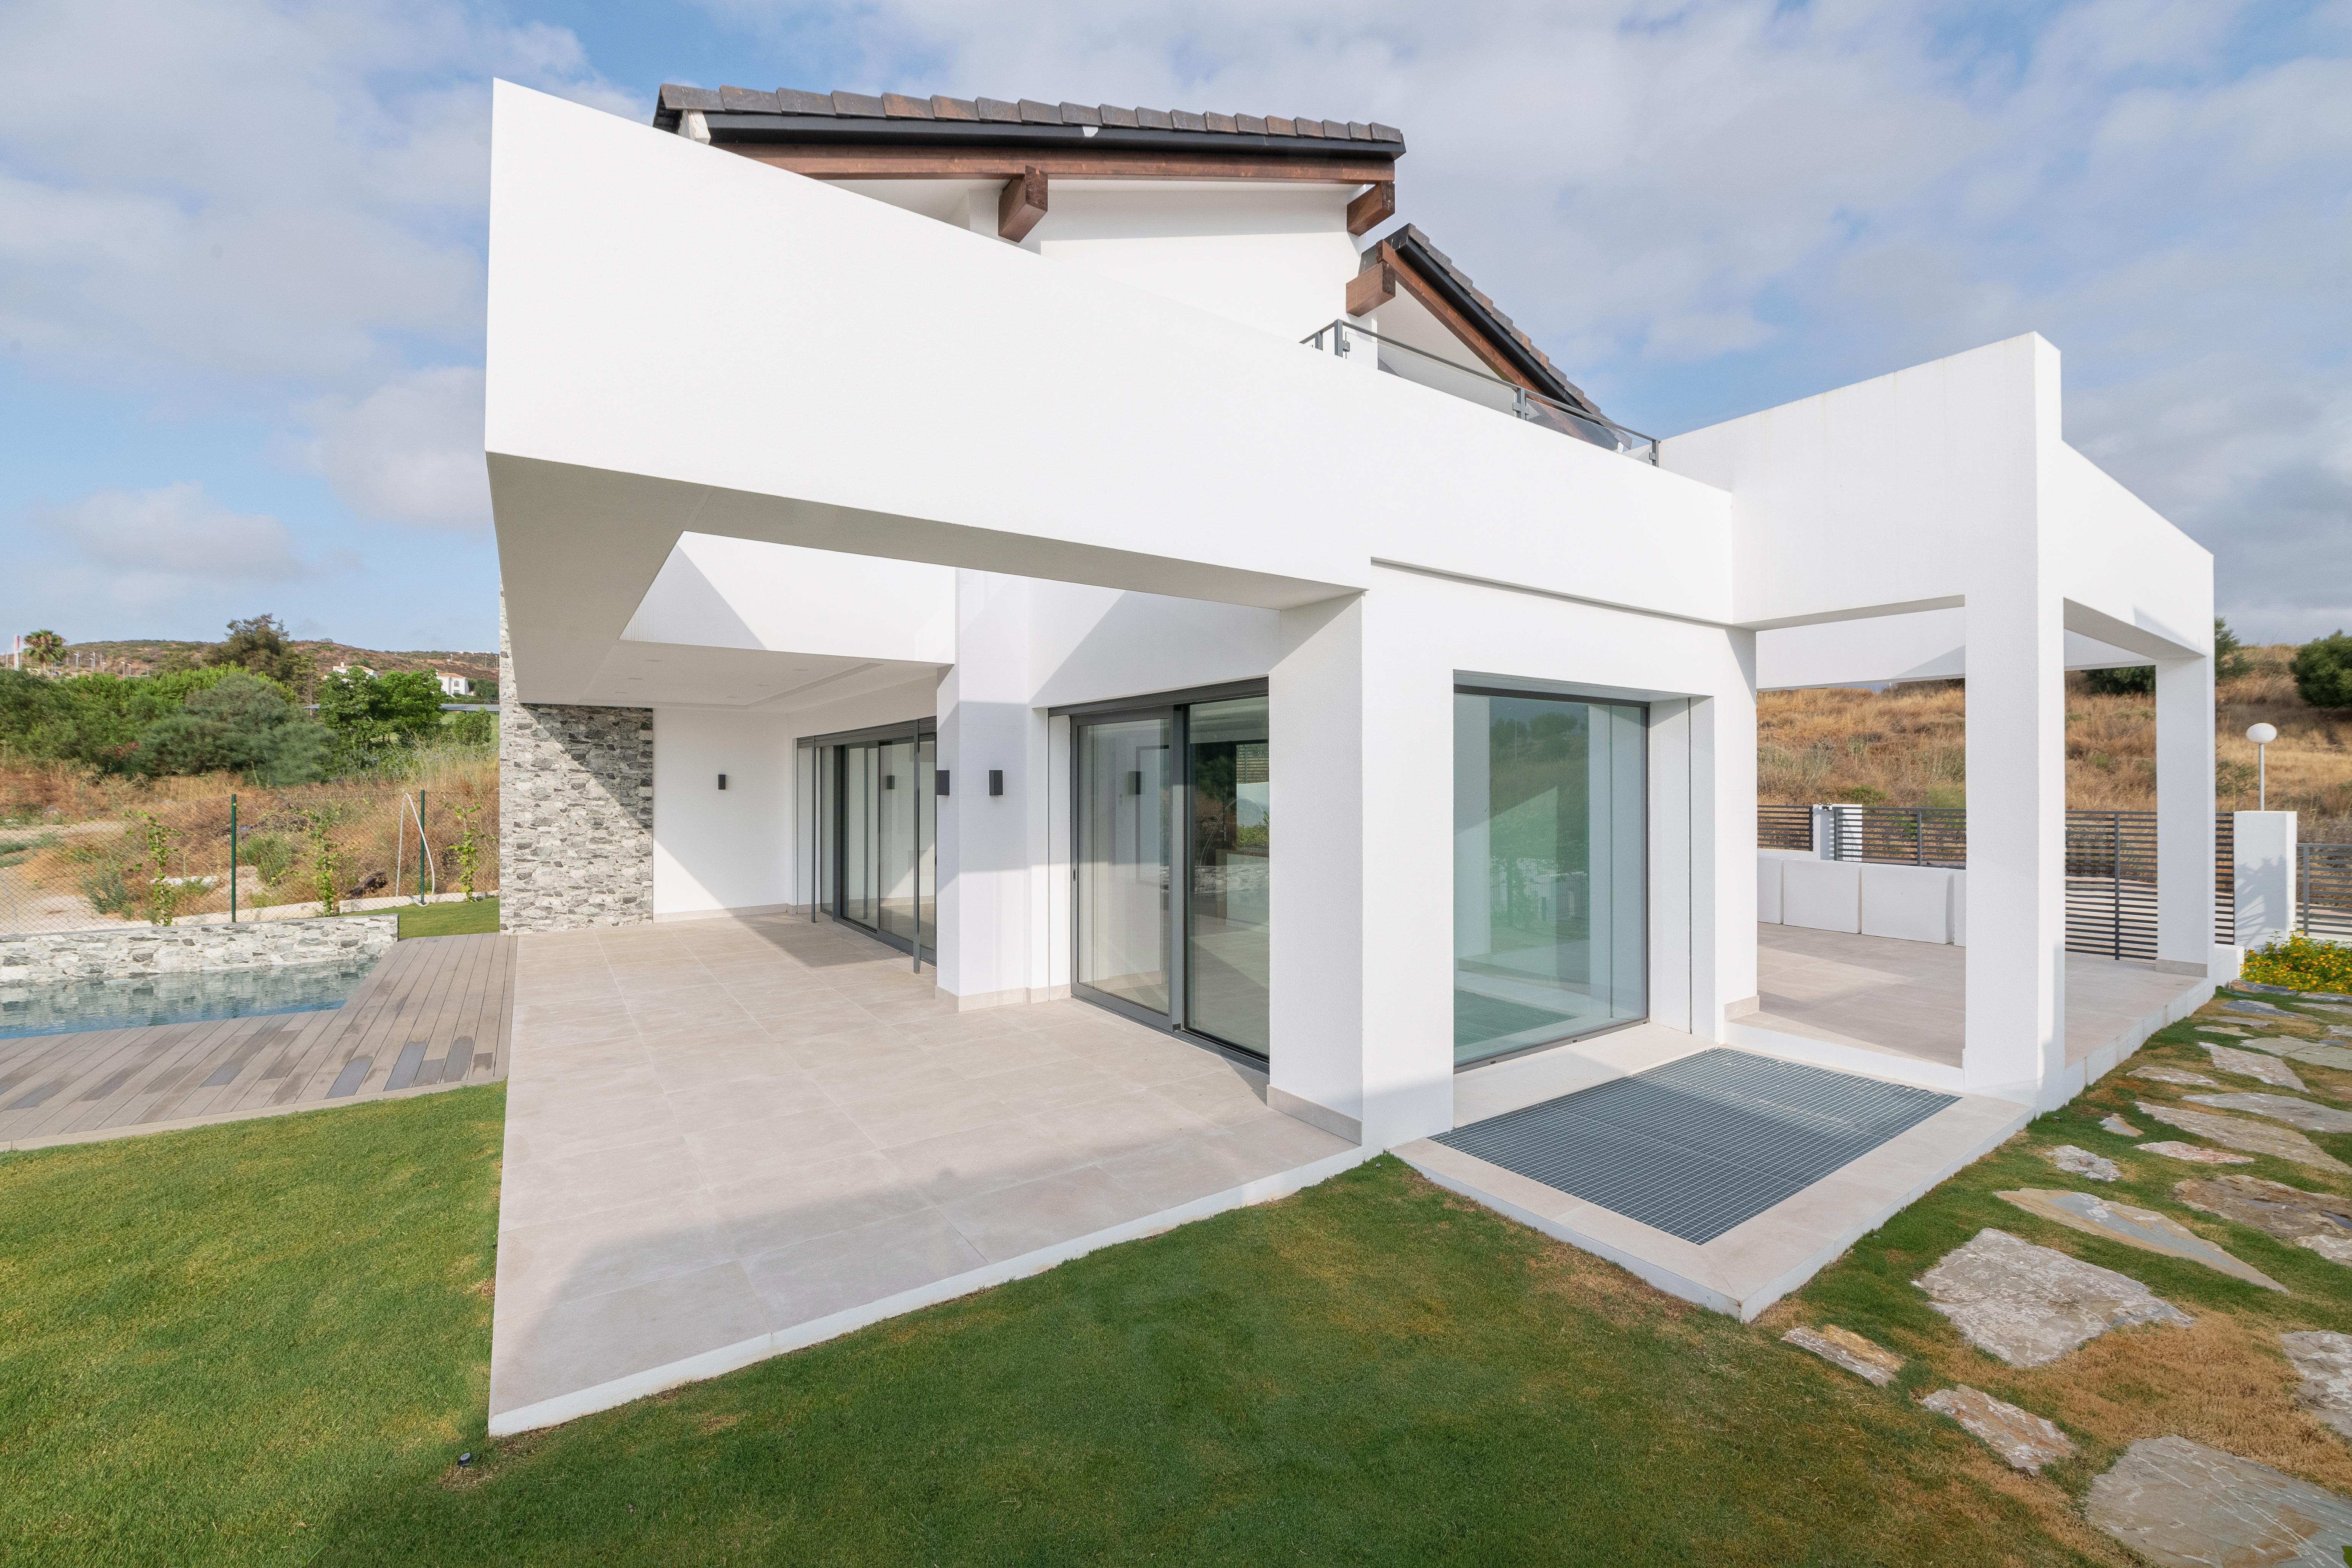 Un proyecto de la arquitecta Amparo Corral Martín